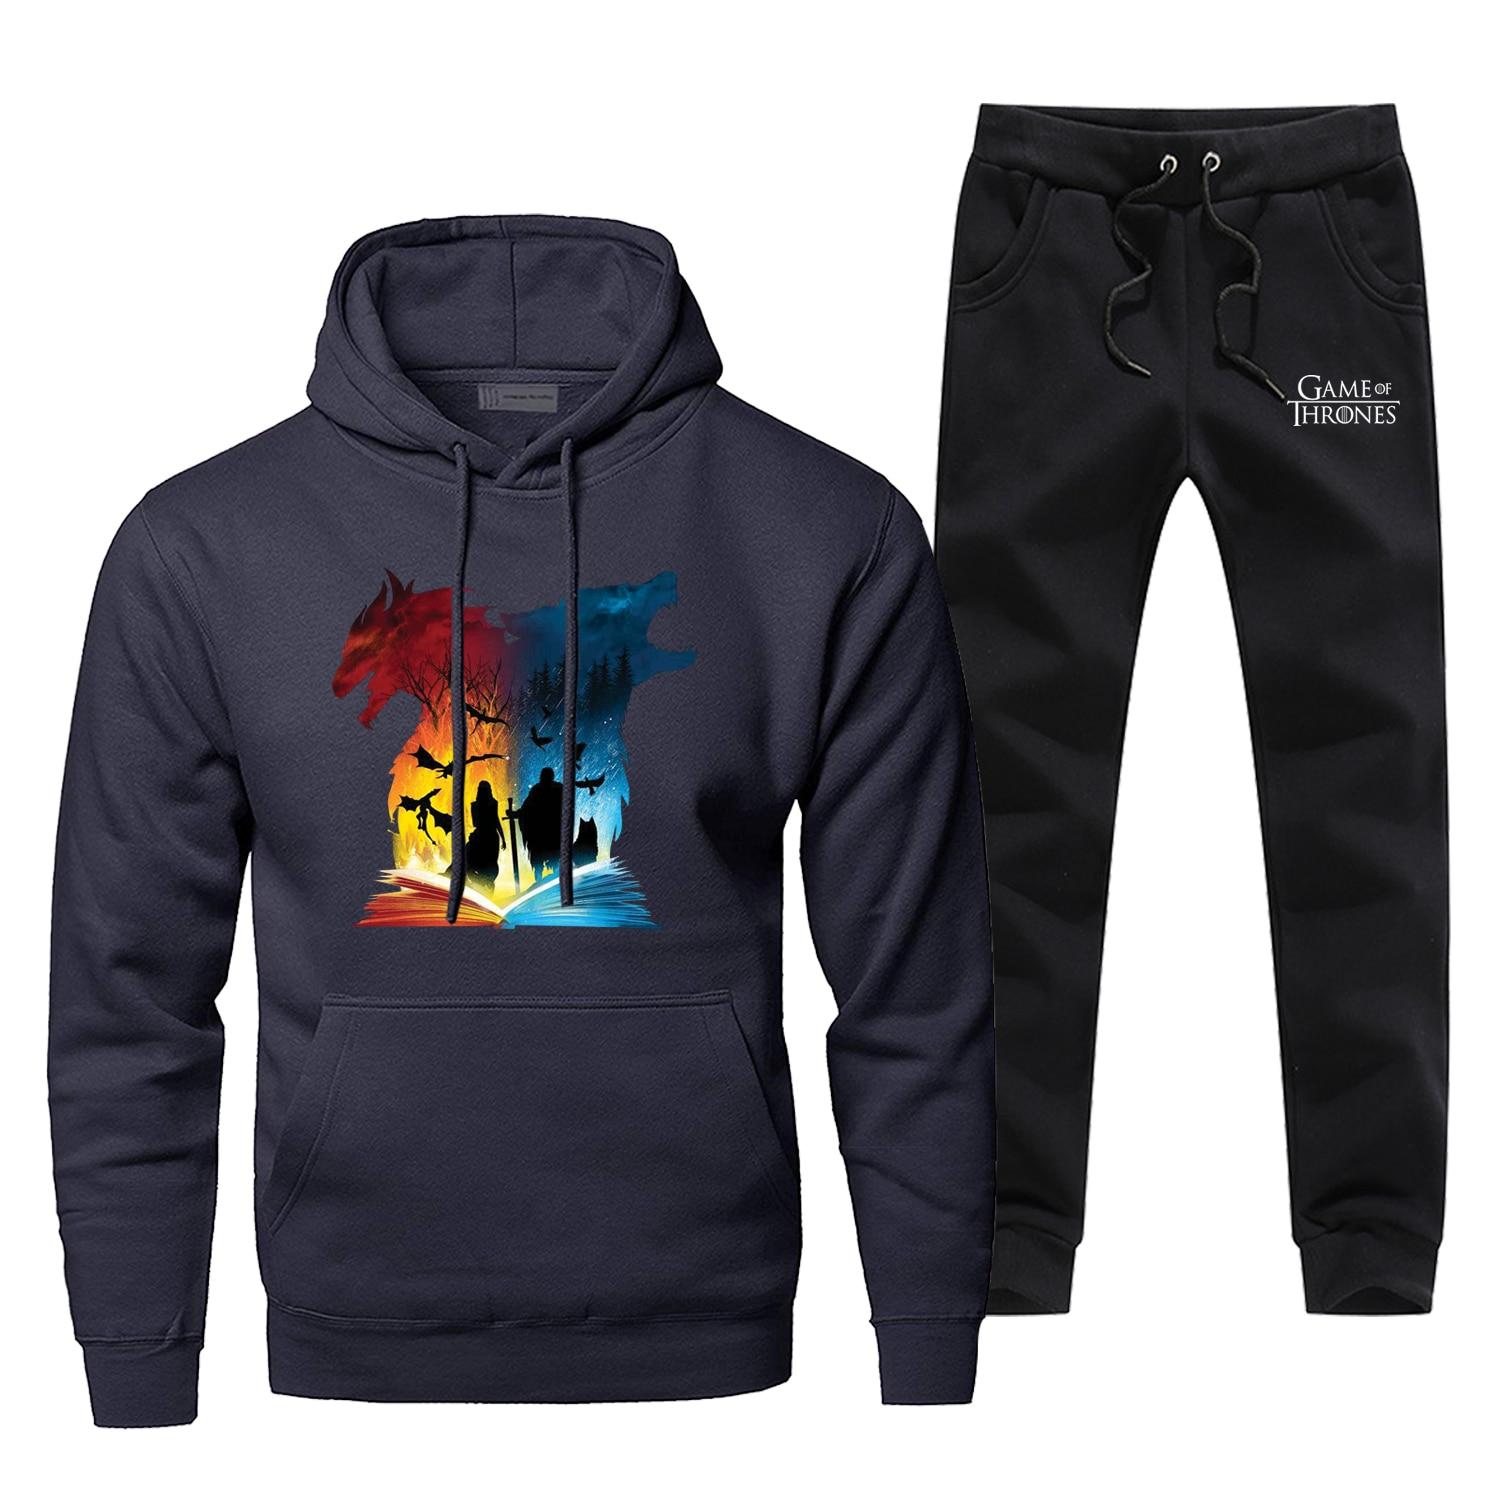 Hoodie Pants Set Game Of Thrones Men Sweatshirt Male Hoodies Sweatshirts Mens Sets Two Piece Pant Pullover Hoody Stark Wolf Coat